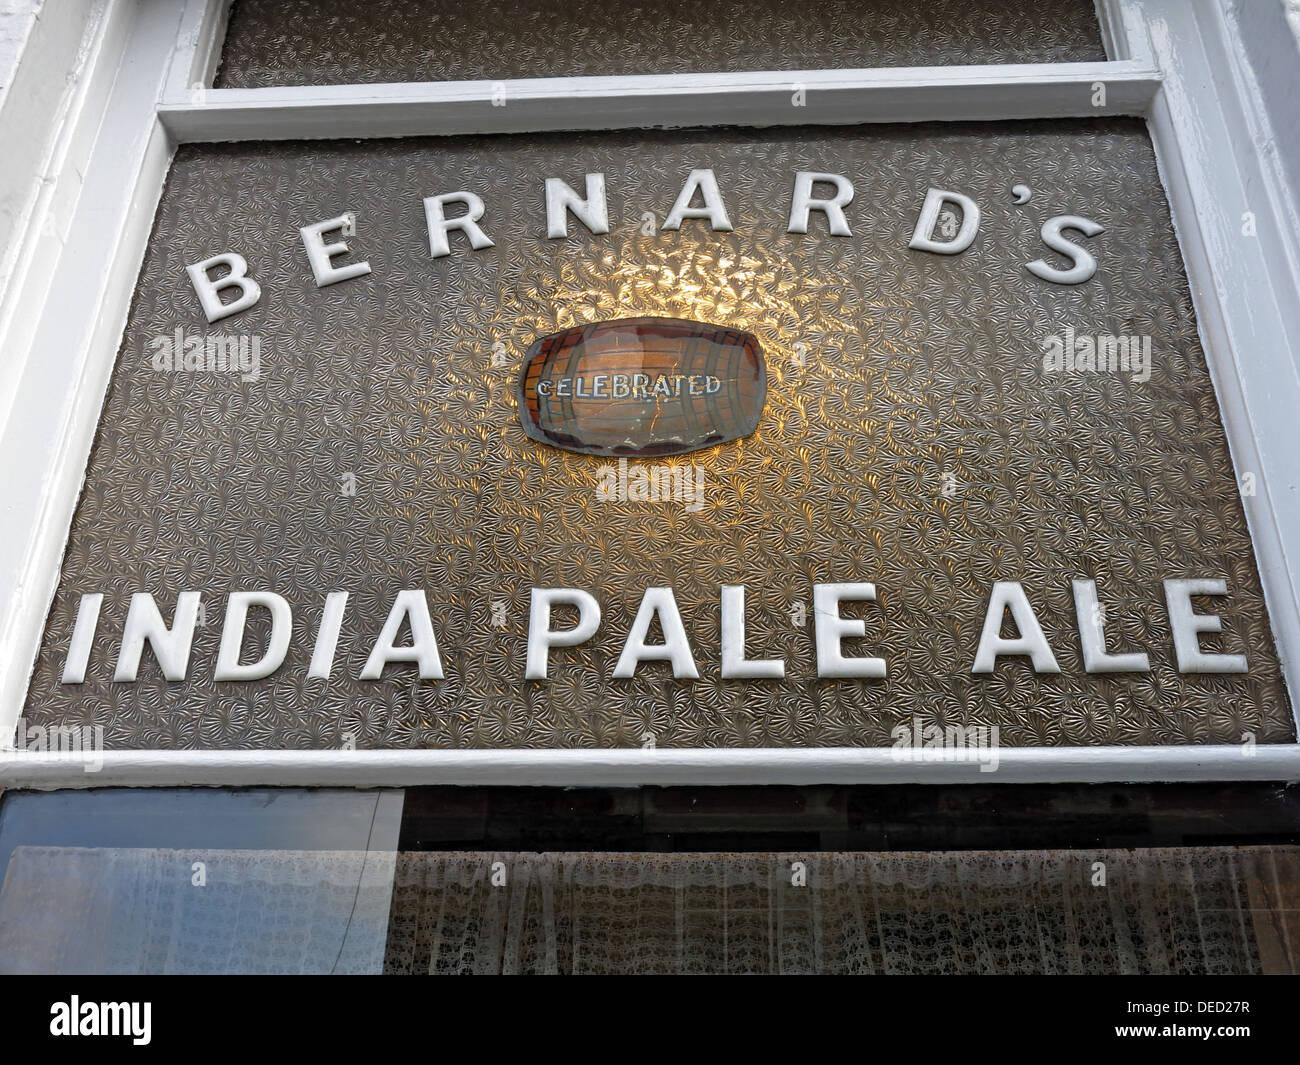 Laden Sie dieses Alamy Stockfoto Bernards India Pale Ale Zeichen an der Oxford-Bar ist ein Wirtshaus befindet sich auf der jungen Straße, in der Neustadt von Edinburgh - DED27R